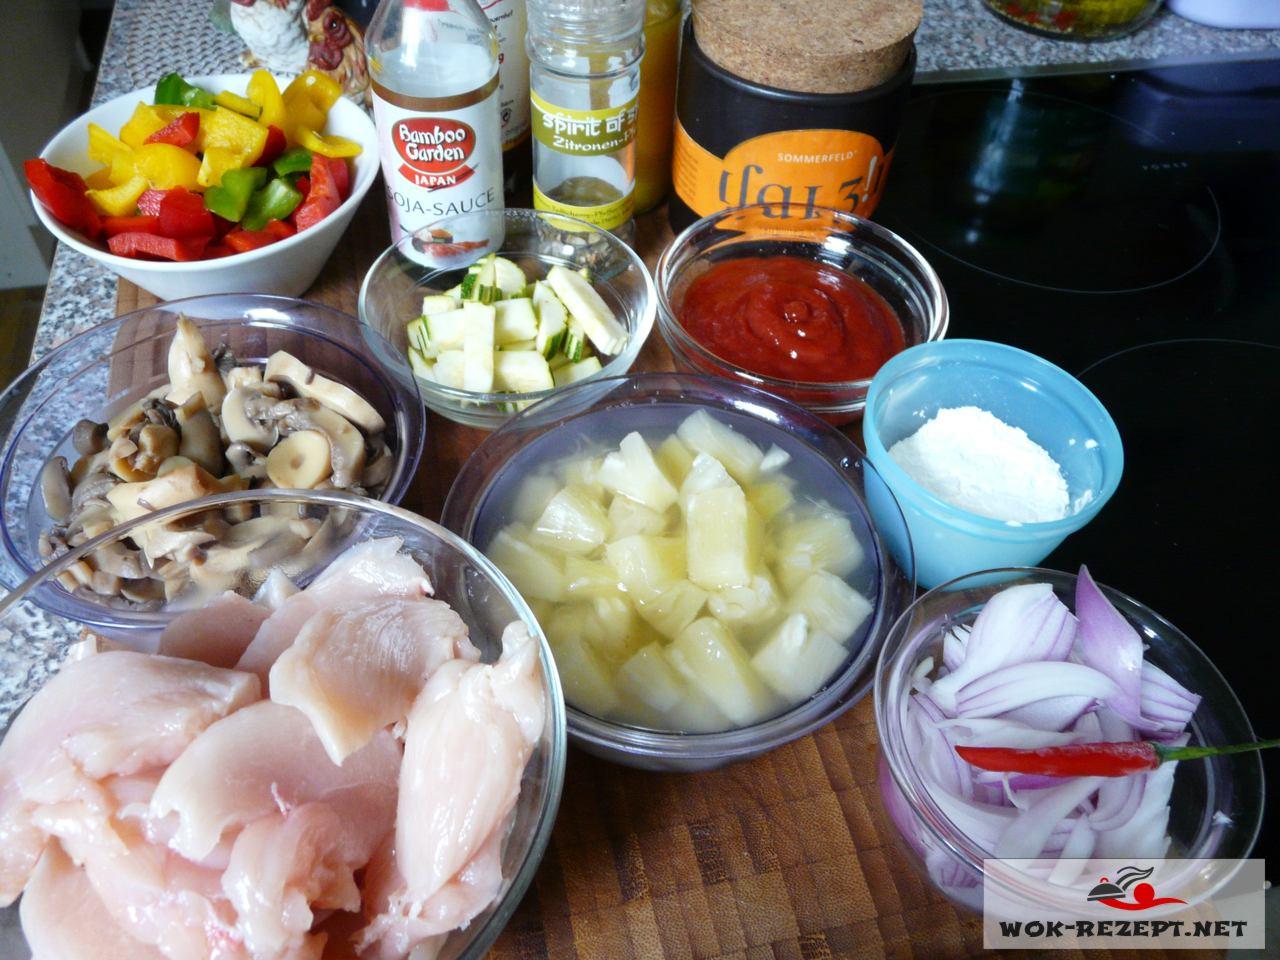 Zutaten für Tom Kha Gai süßsauer mit Jasminreis köstliche Hühnersauce süßsauer.